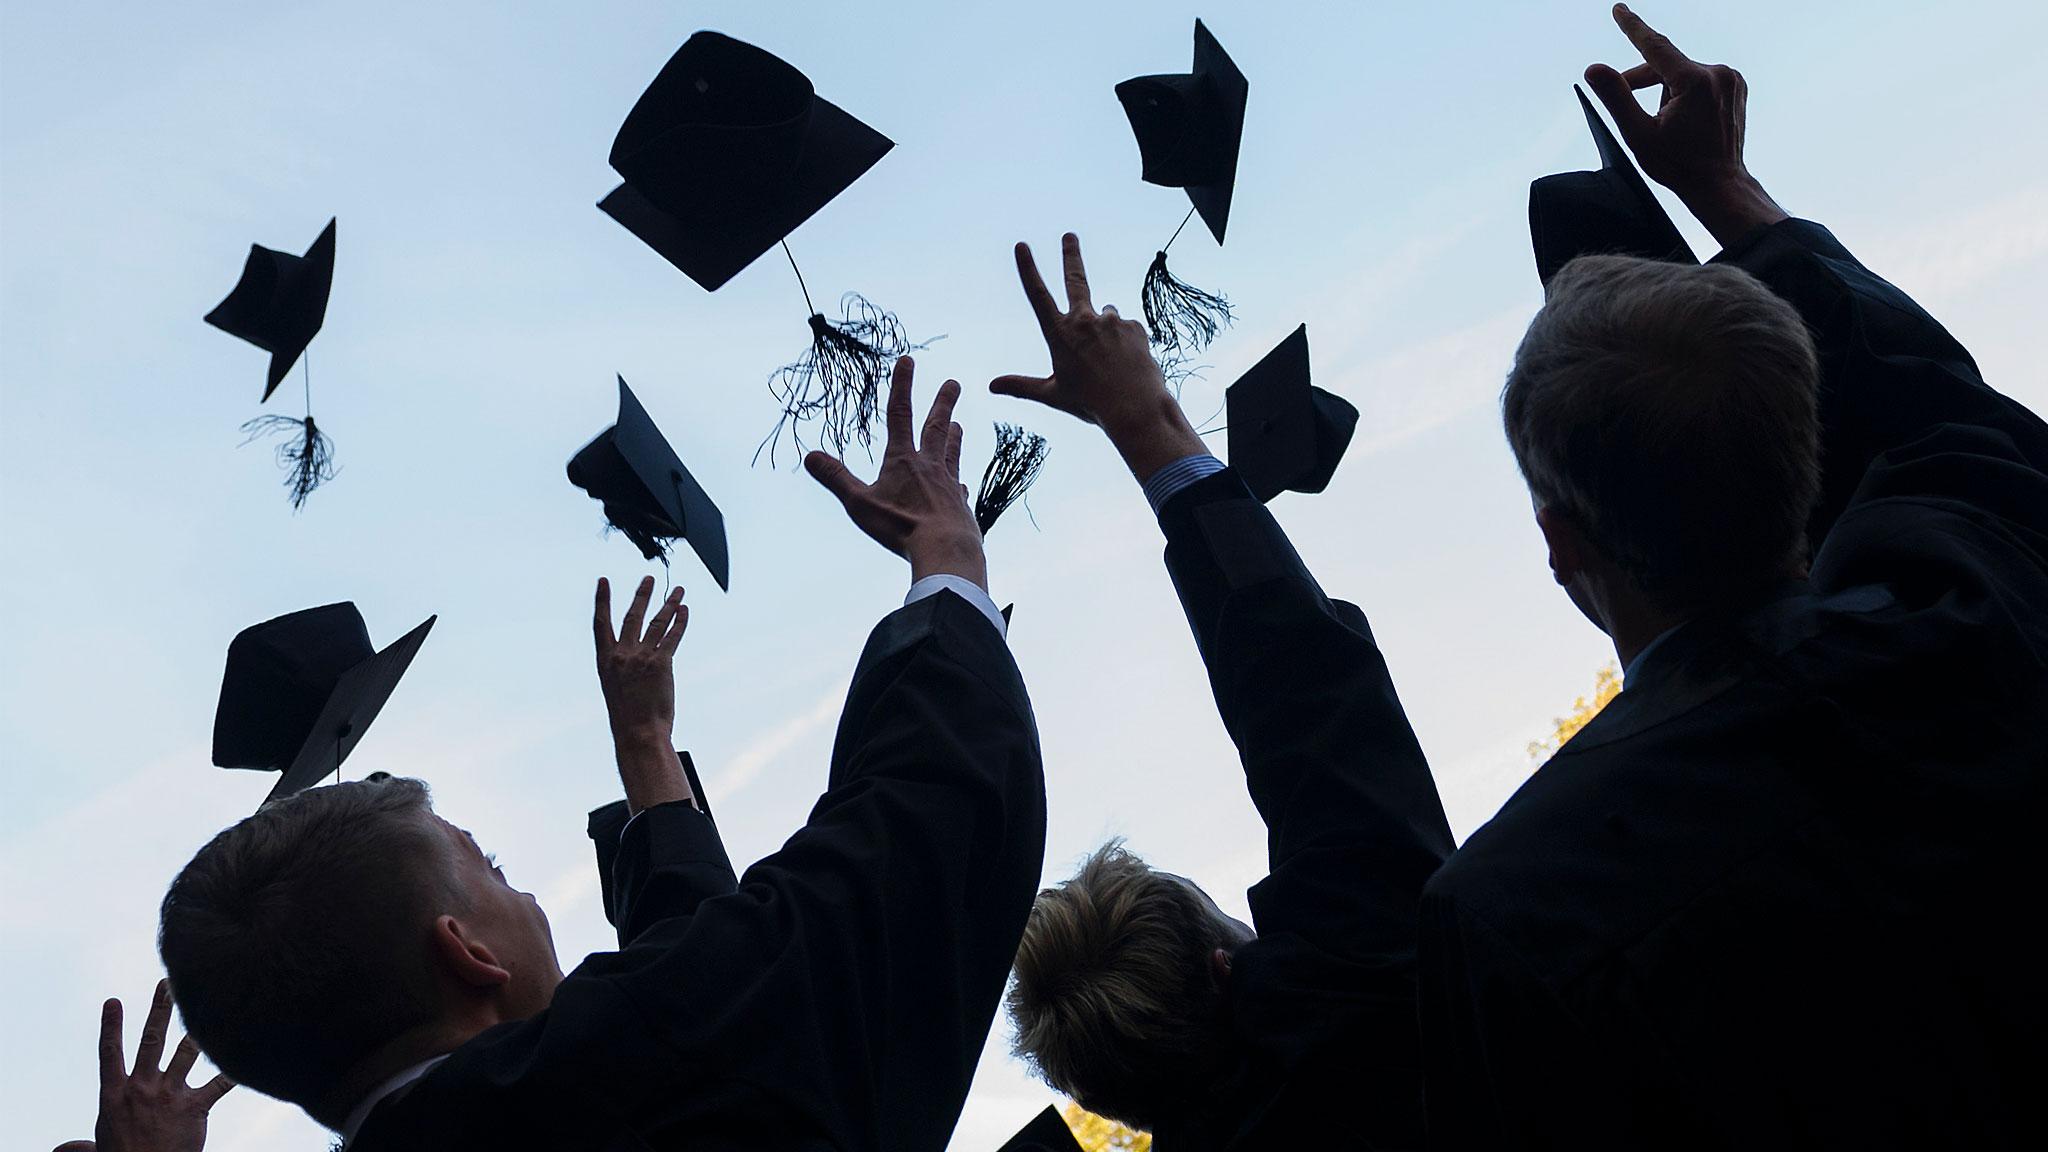 ПЕРЕСАДКА МОЗГОВ: студентка бизнес-школы о том, зачем украинцу иностранный MBA